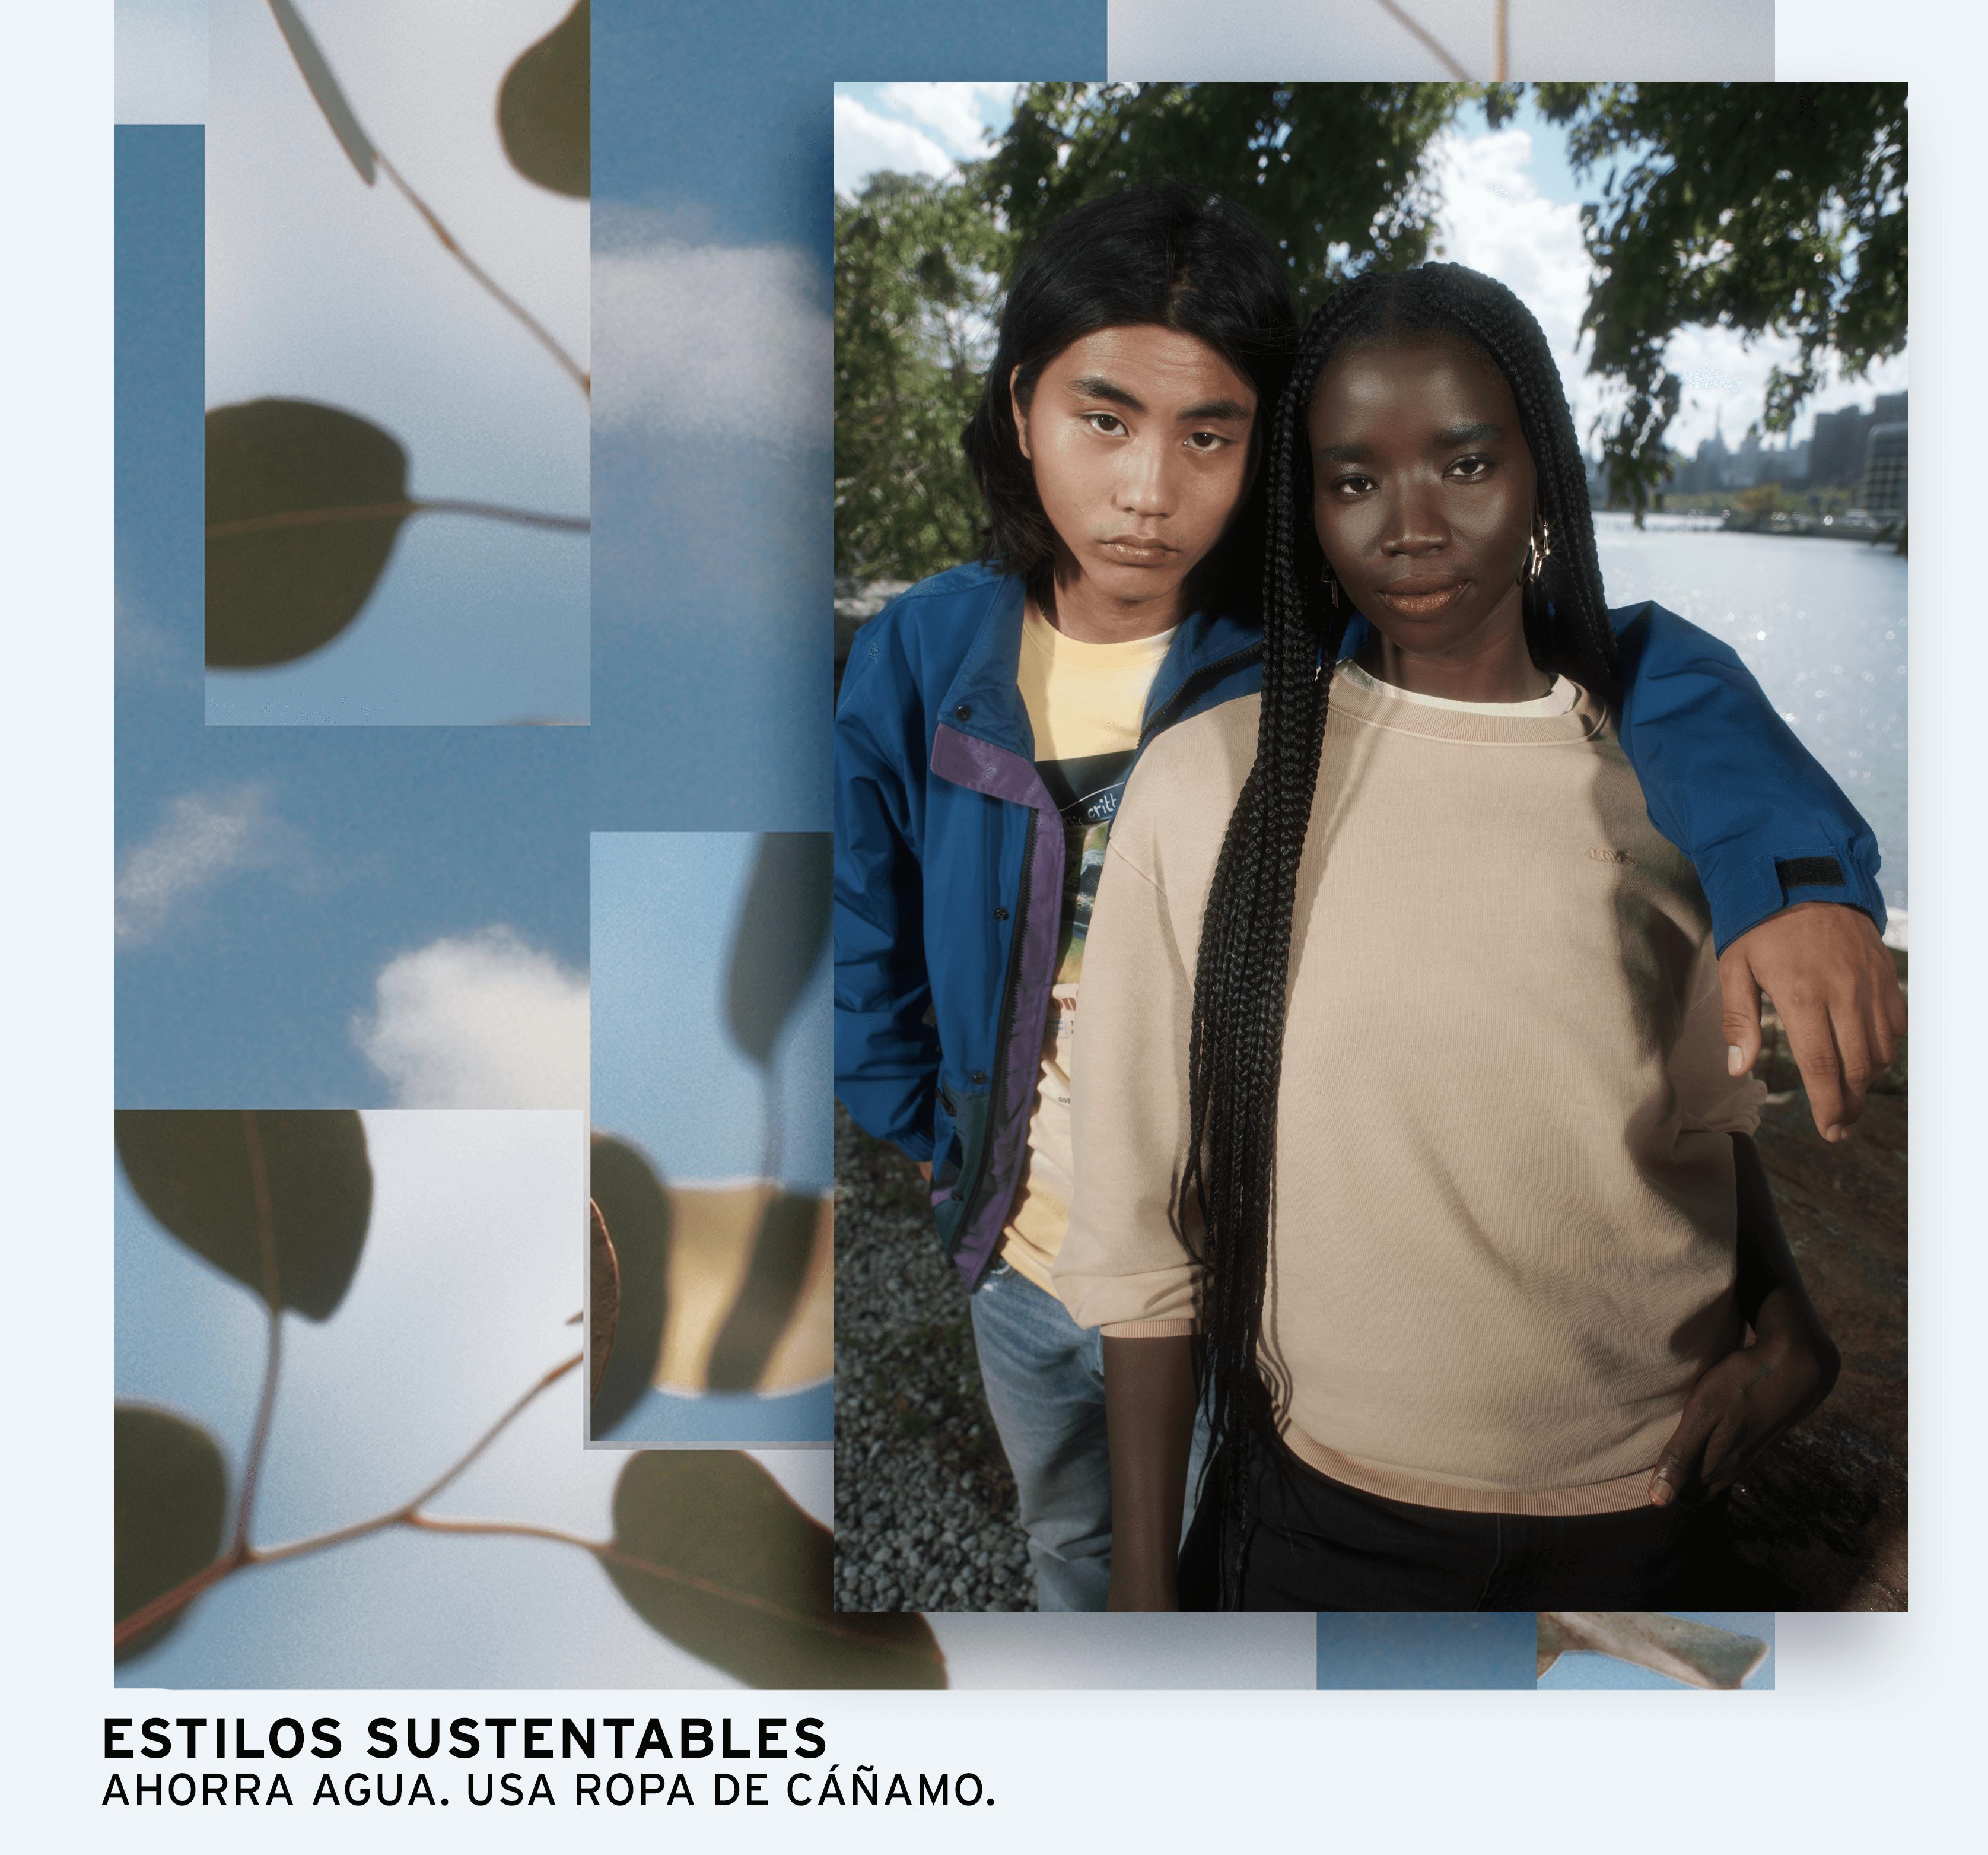 estilos sustentables